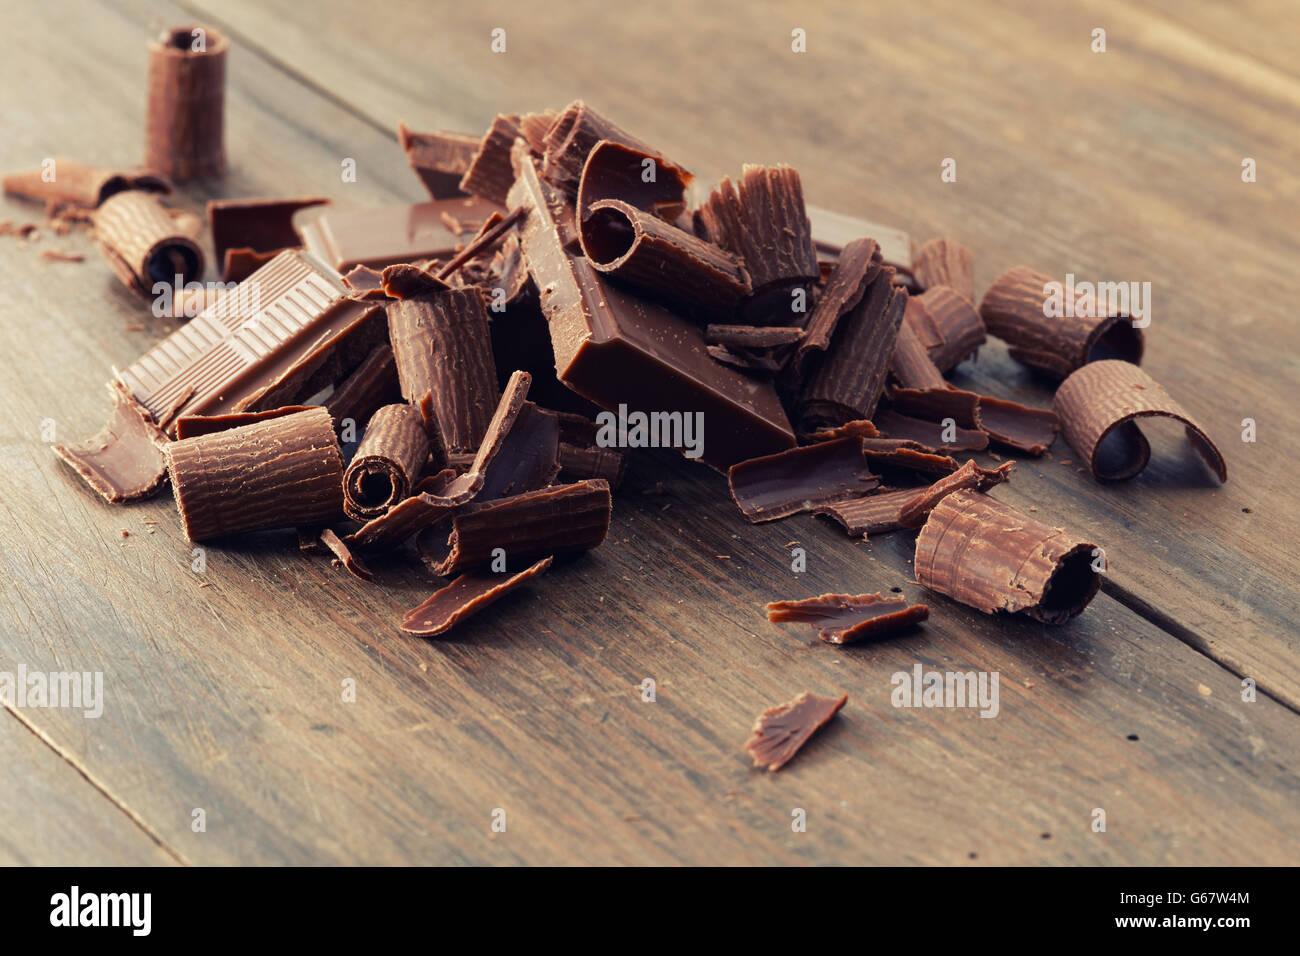 Rotture di cioccolato fondente e scaglie di cioccolato su un tavolo di legno Immagini Stock